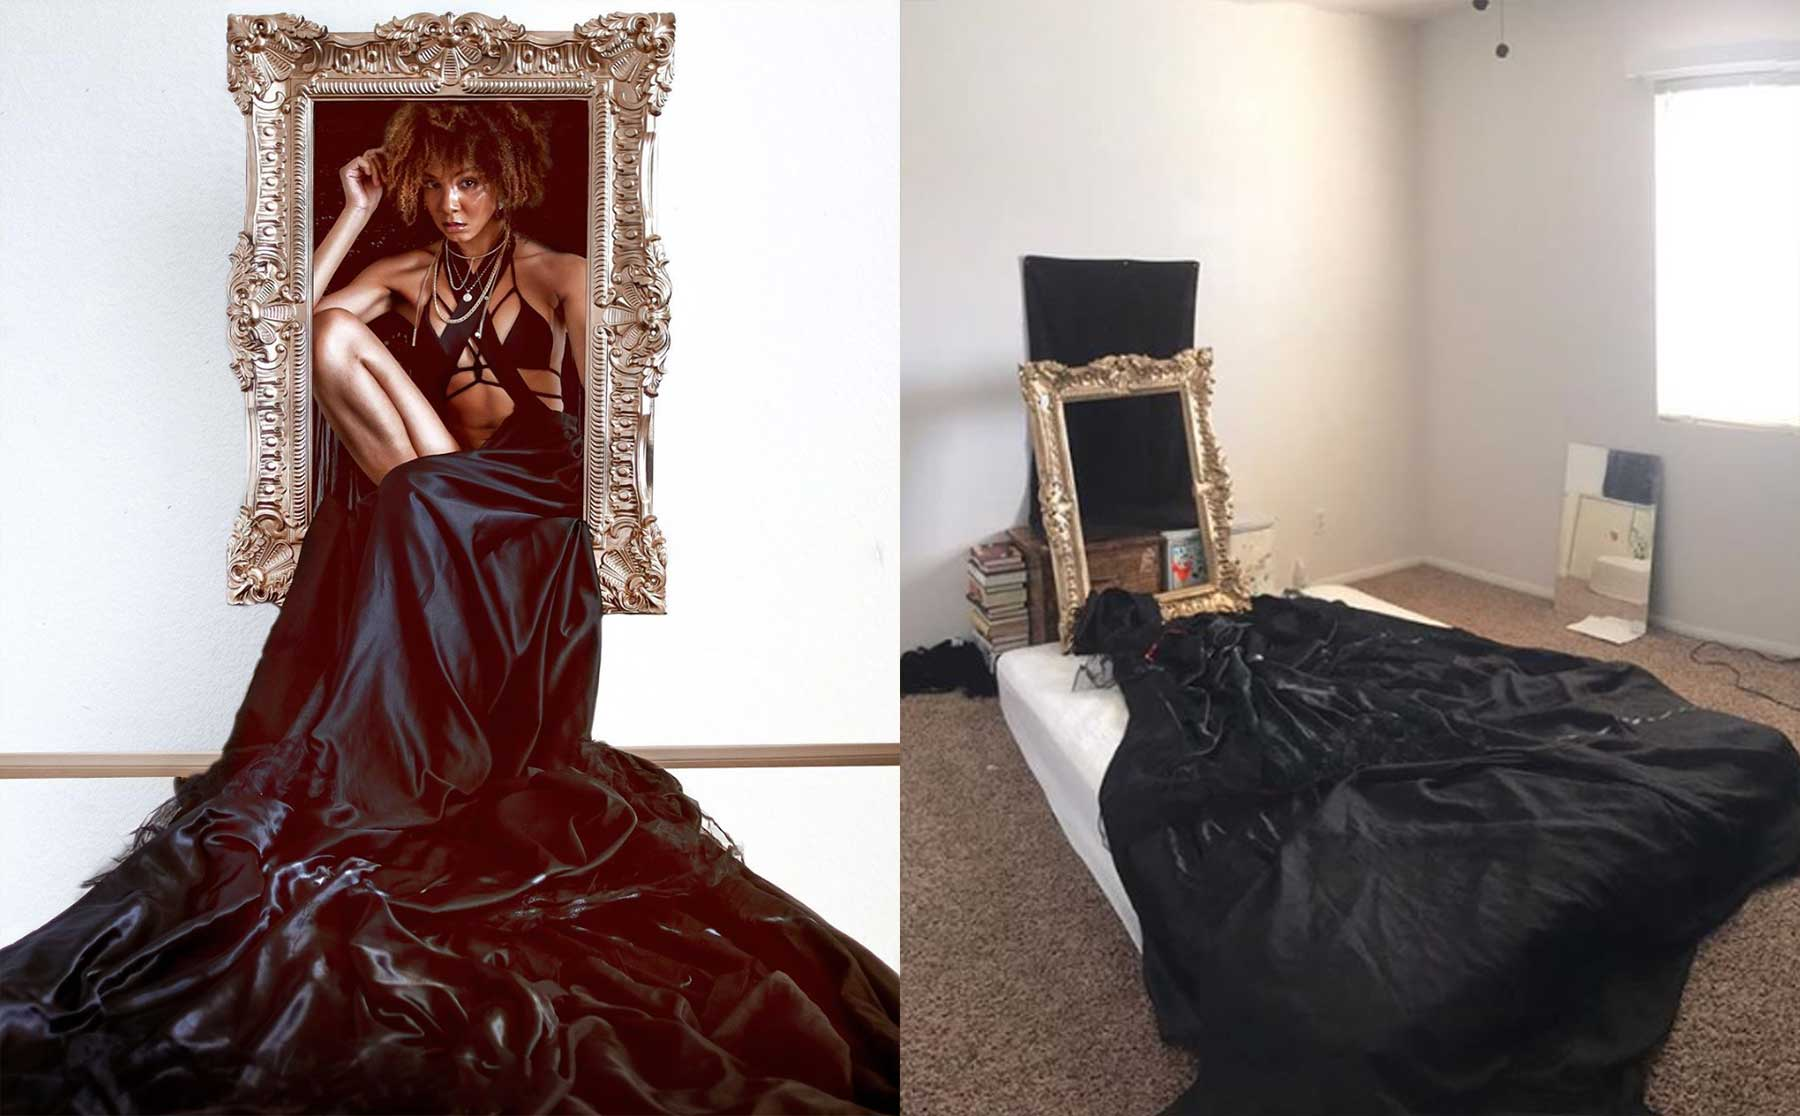 Instagramerin zeigt, wie sie kreative Kulissen für ihre Selbstportraits erstellt